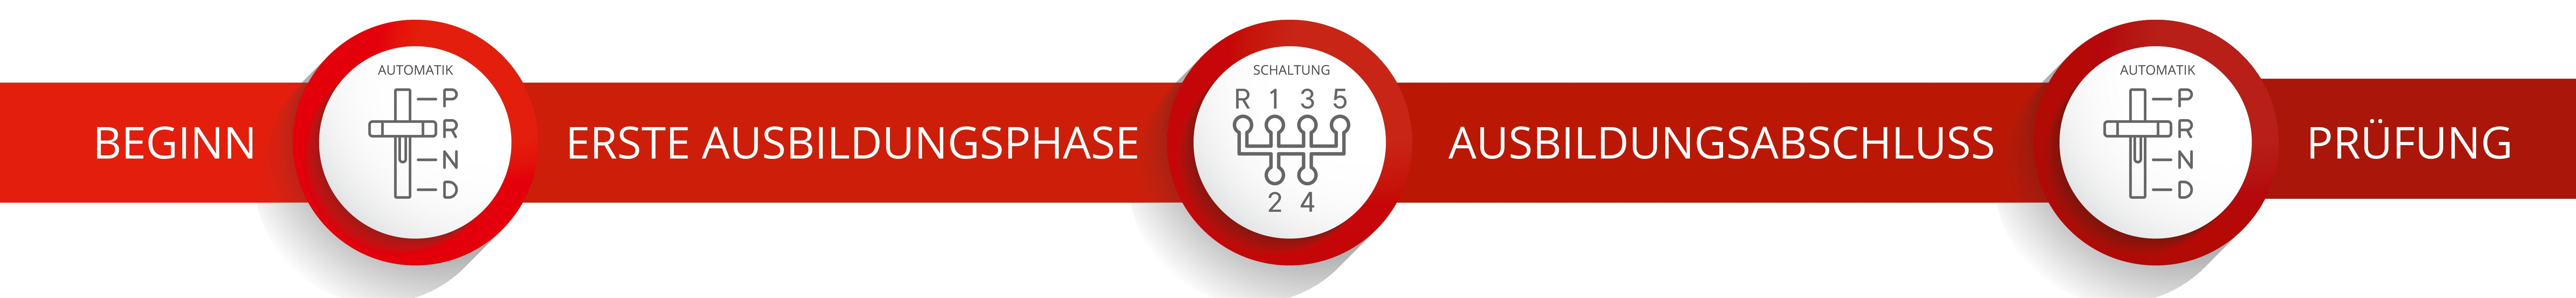 B197_Fahrschule